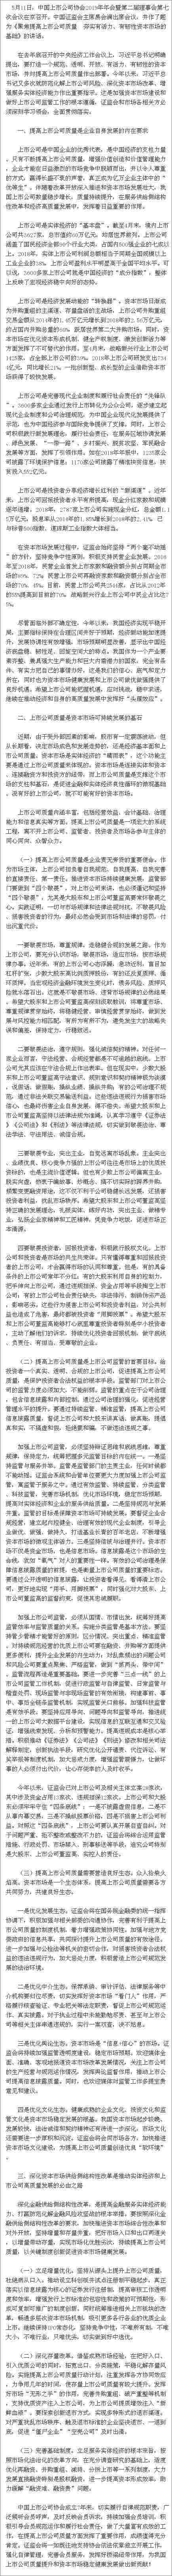 中国基金报:报道基金关注的一致